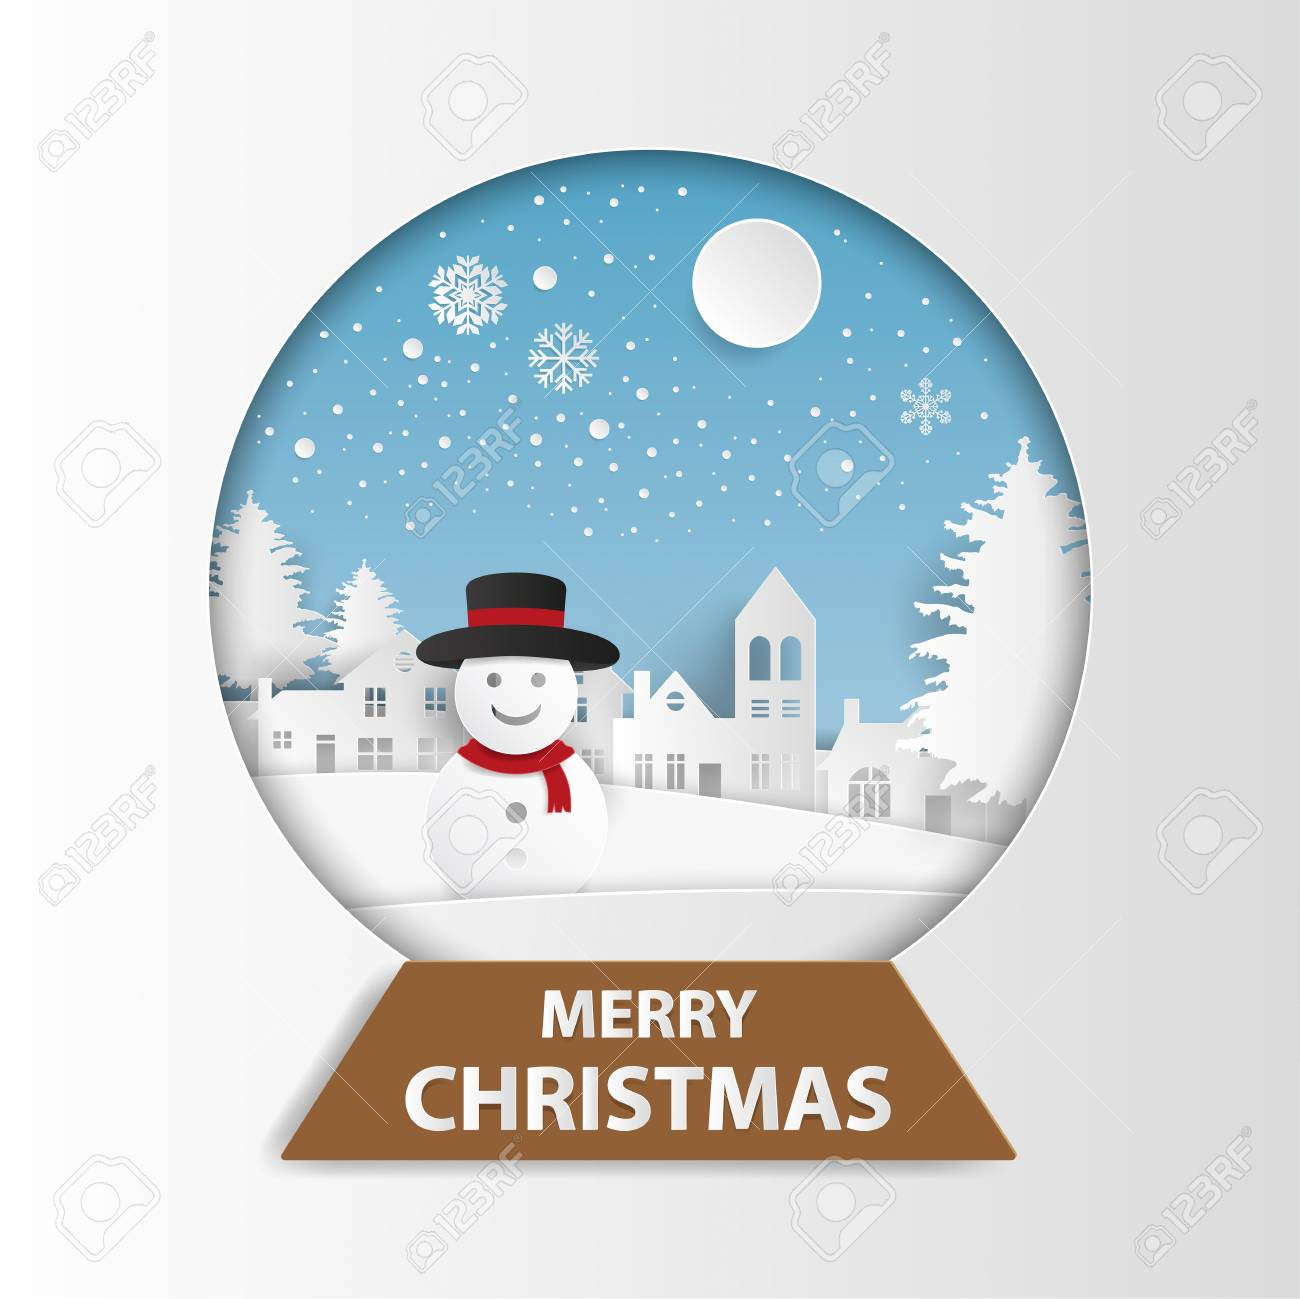 Joyeux Noël Et Bonne Année Carte De Voeux. Bonhomme De Neige Dans